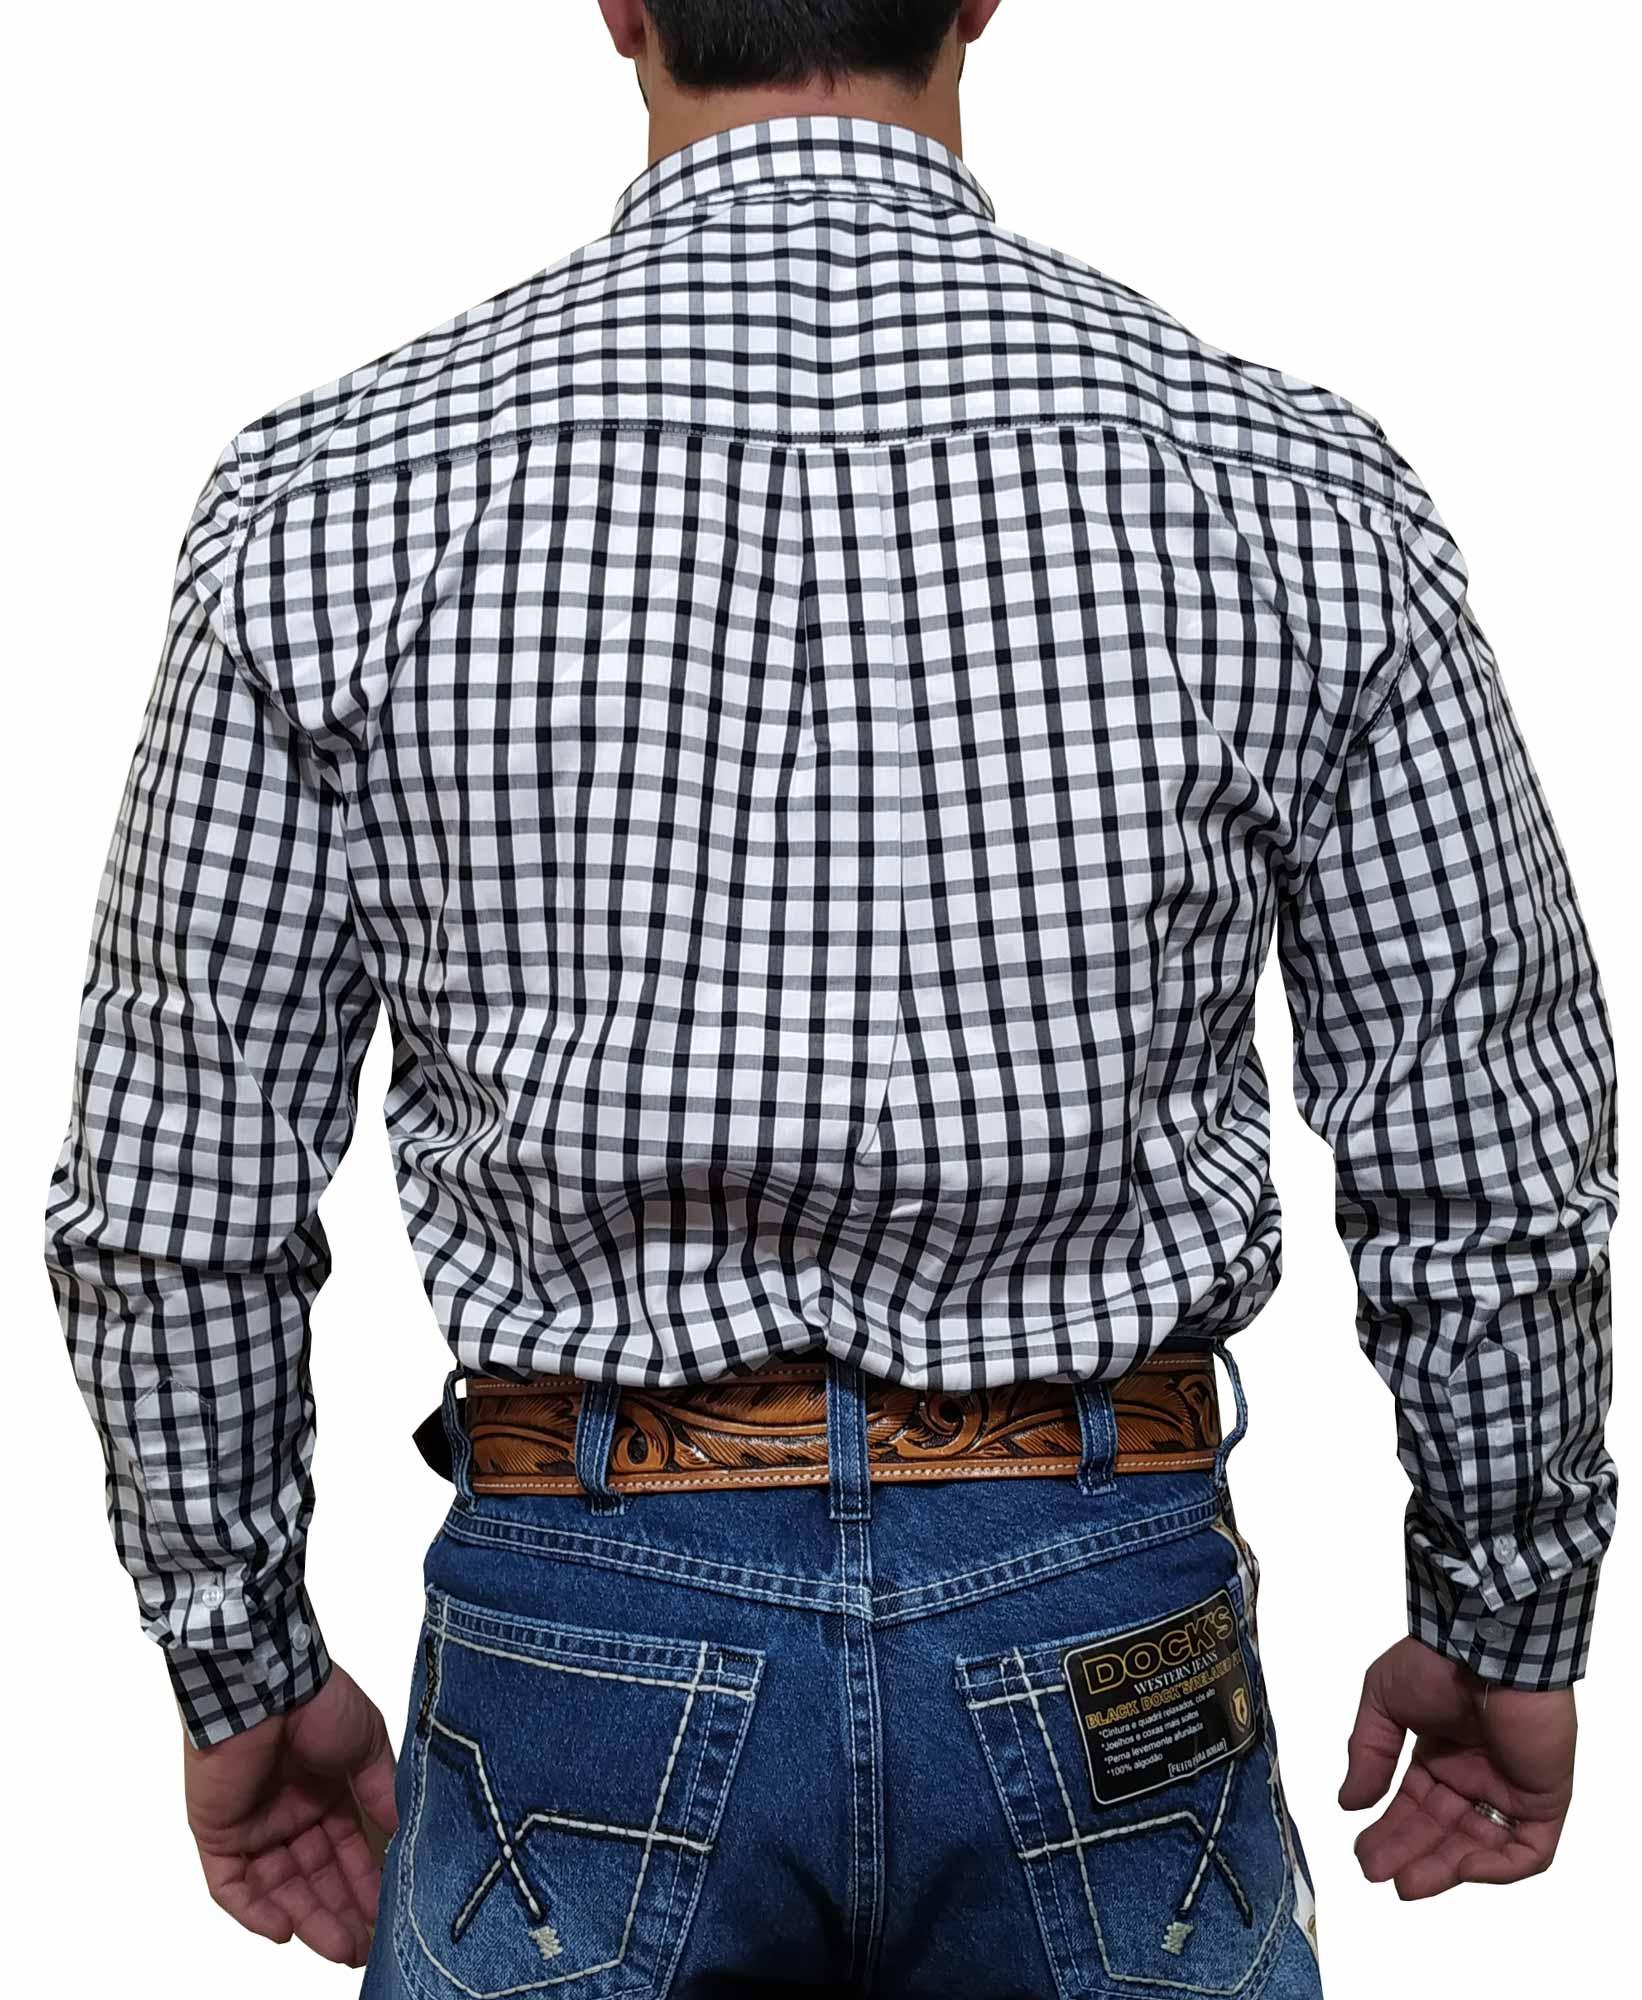 Camisa Masculina Smith Brothers Ref. Xadrez Preto e Branco